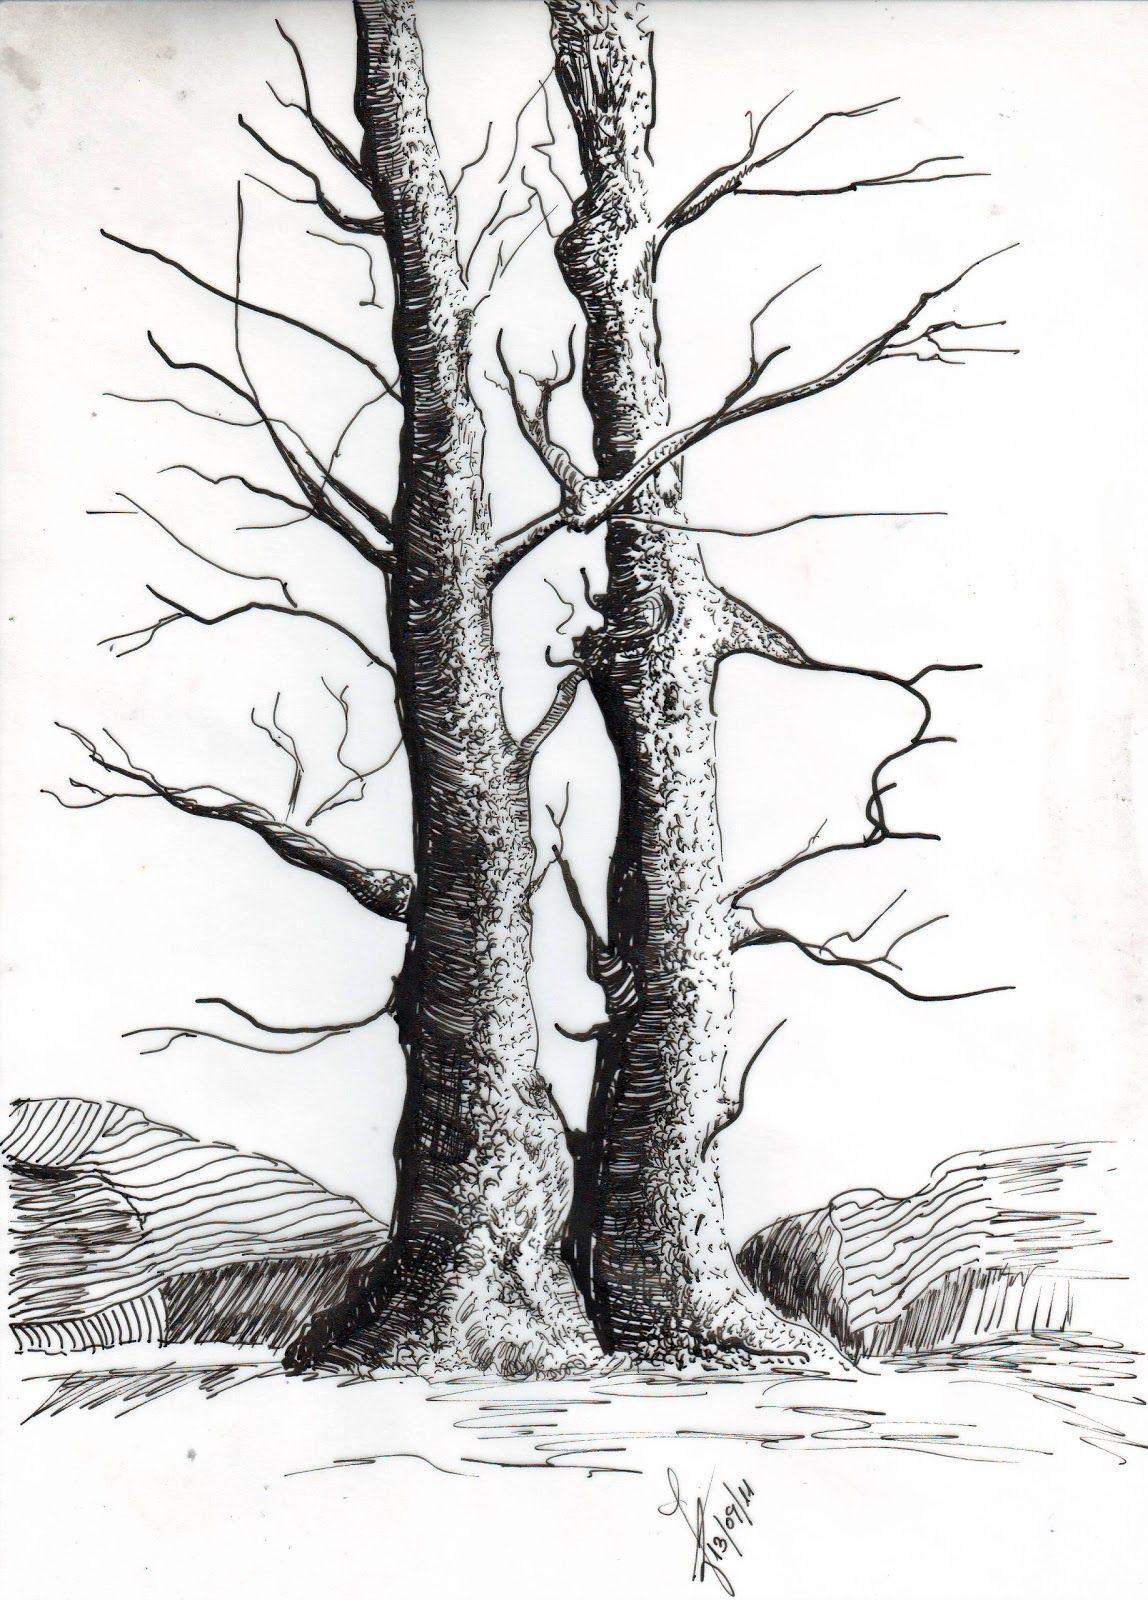 Imagen Relacionada Ramas De Arbol Dibujo Dibujos De Arboles Dibujos